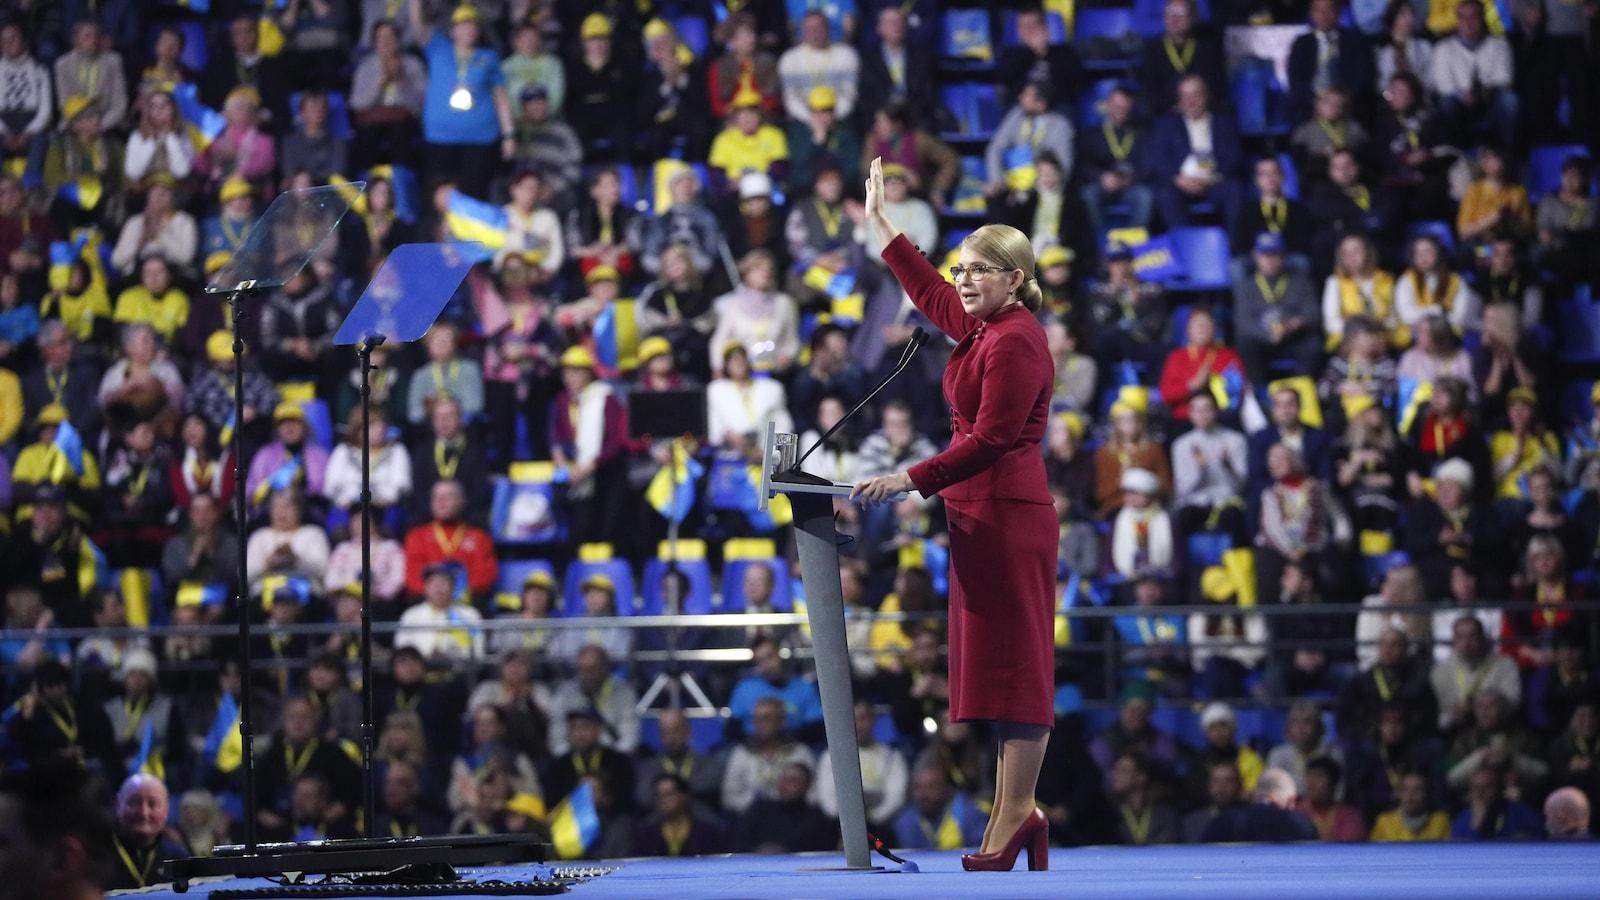 Ioulia Timochenko est sur une scène et salue la foule nombreuse.